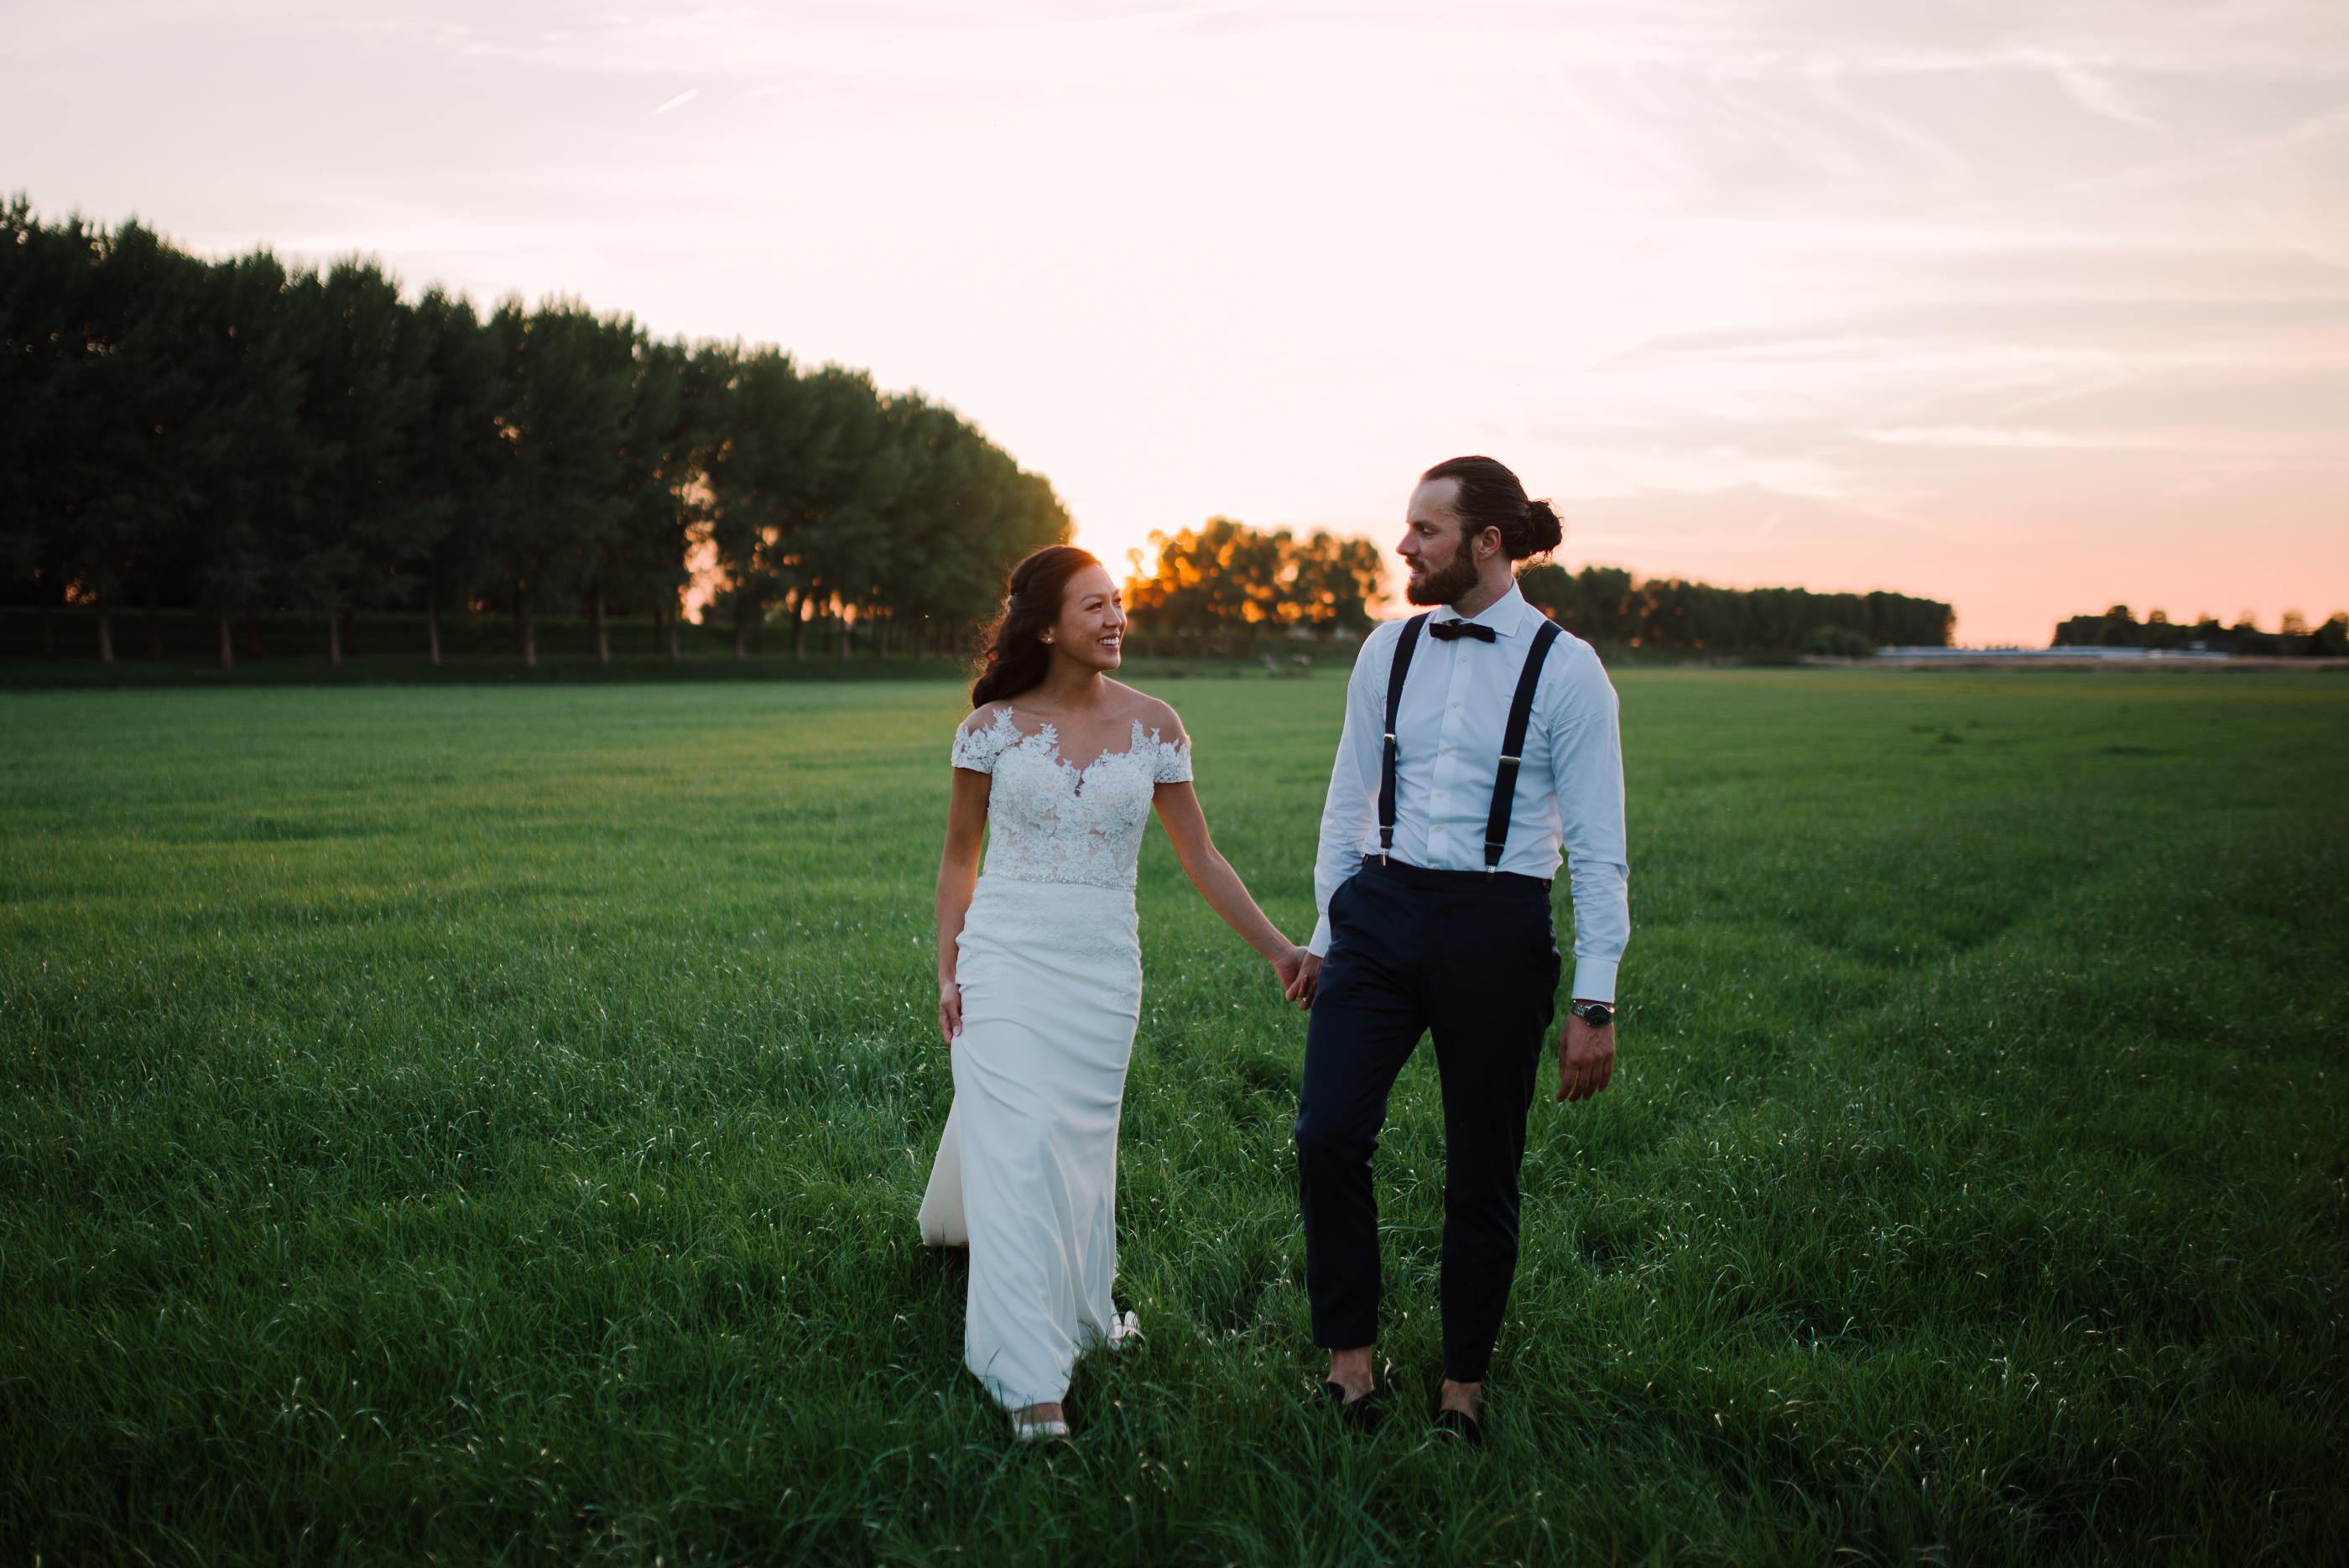 Anoukfotografeert- Danny & Vivian-429